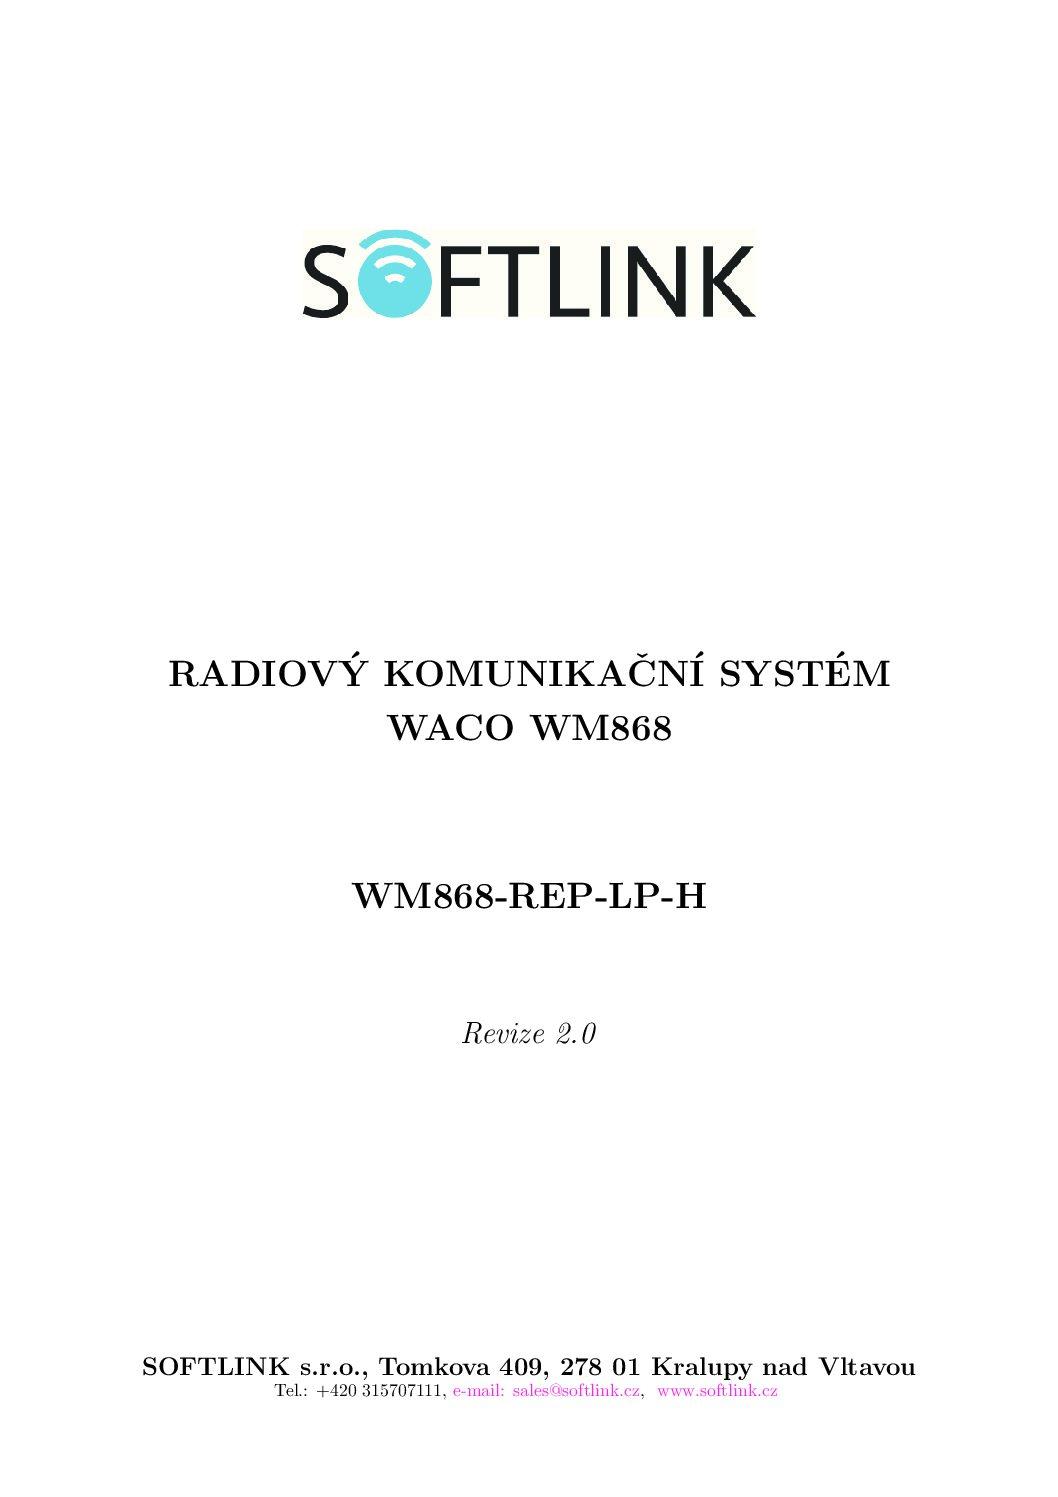 Manual WM868-REP-LP-H